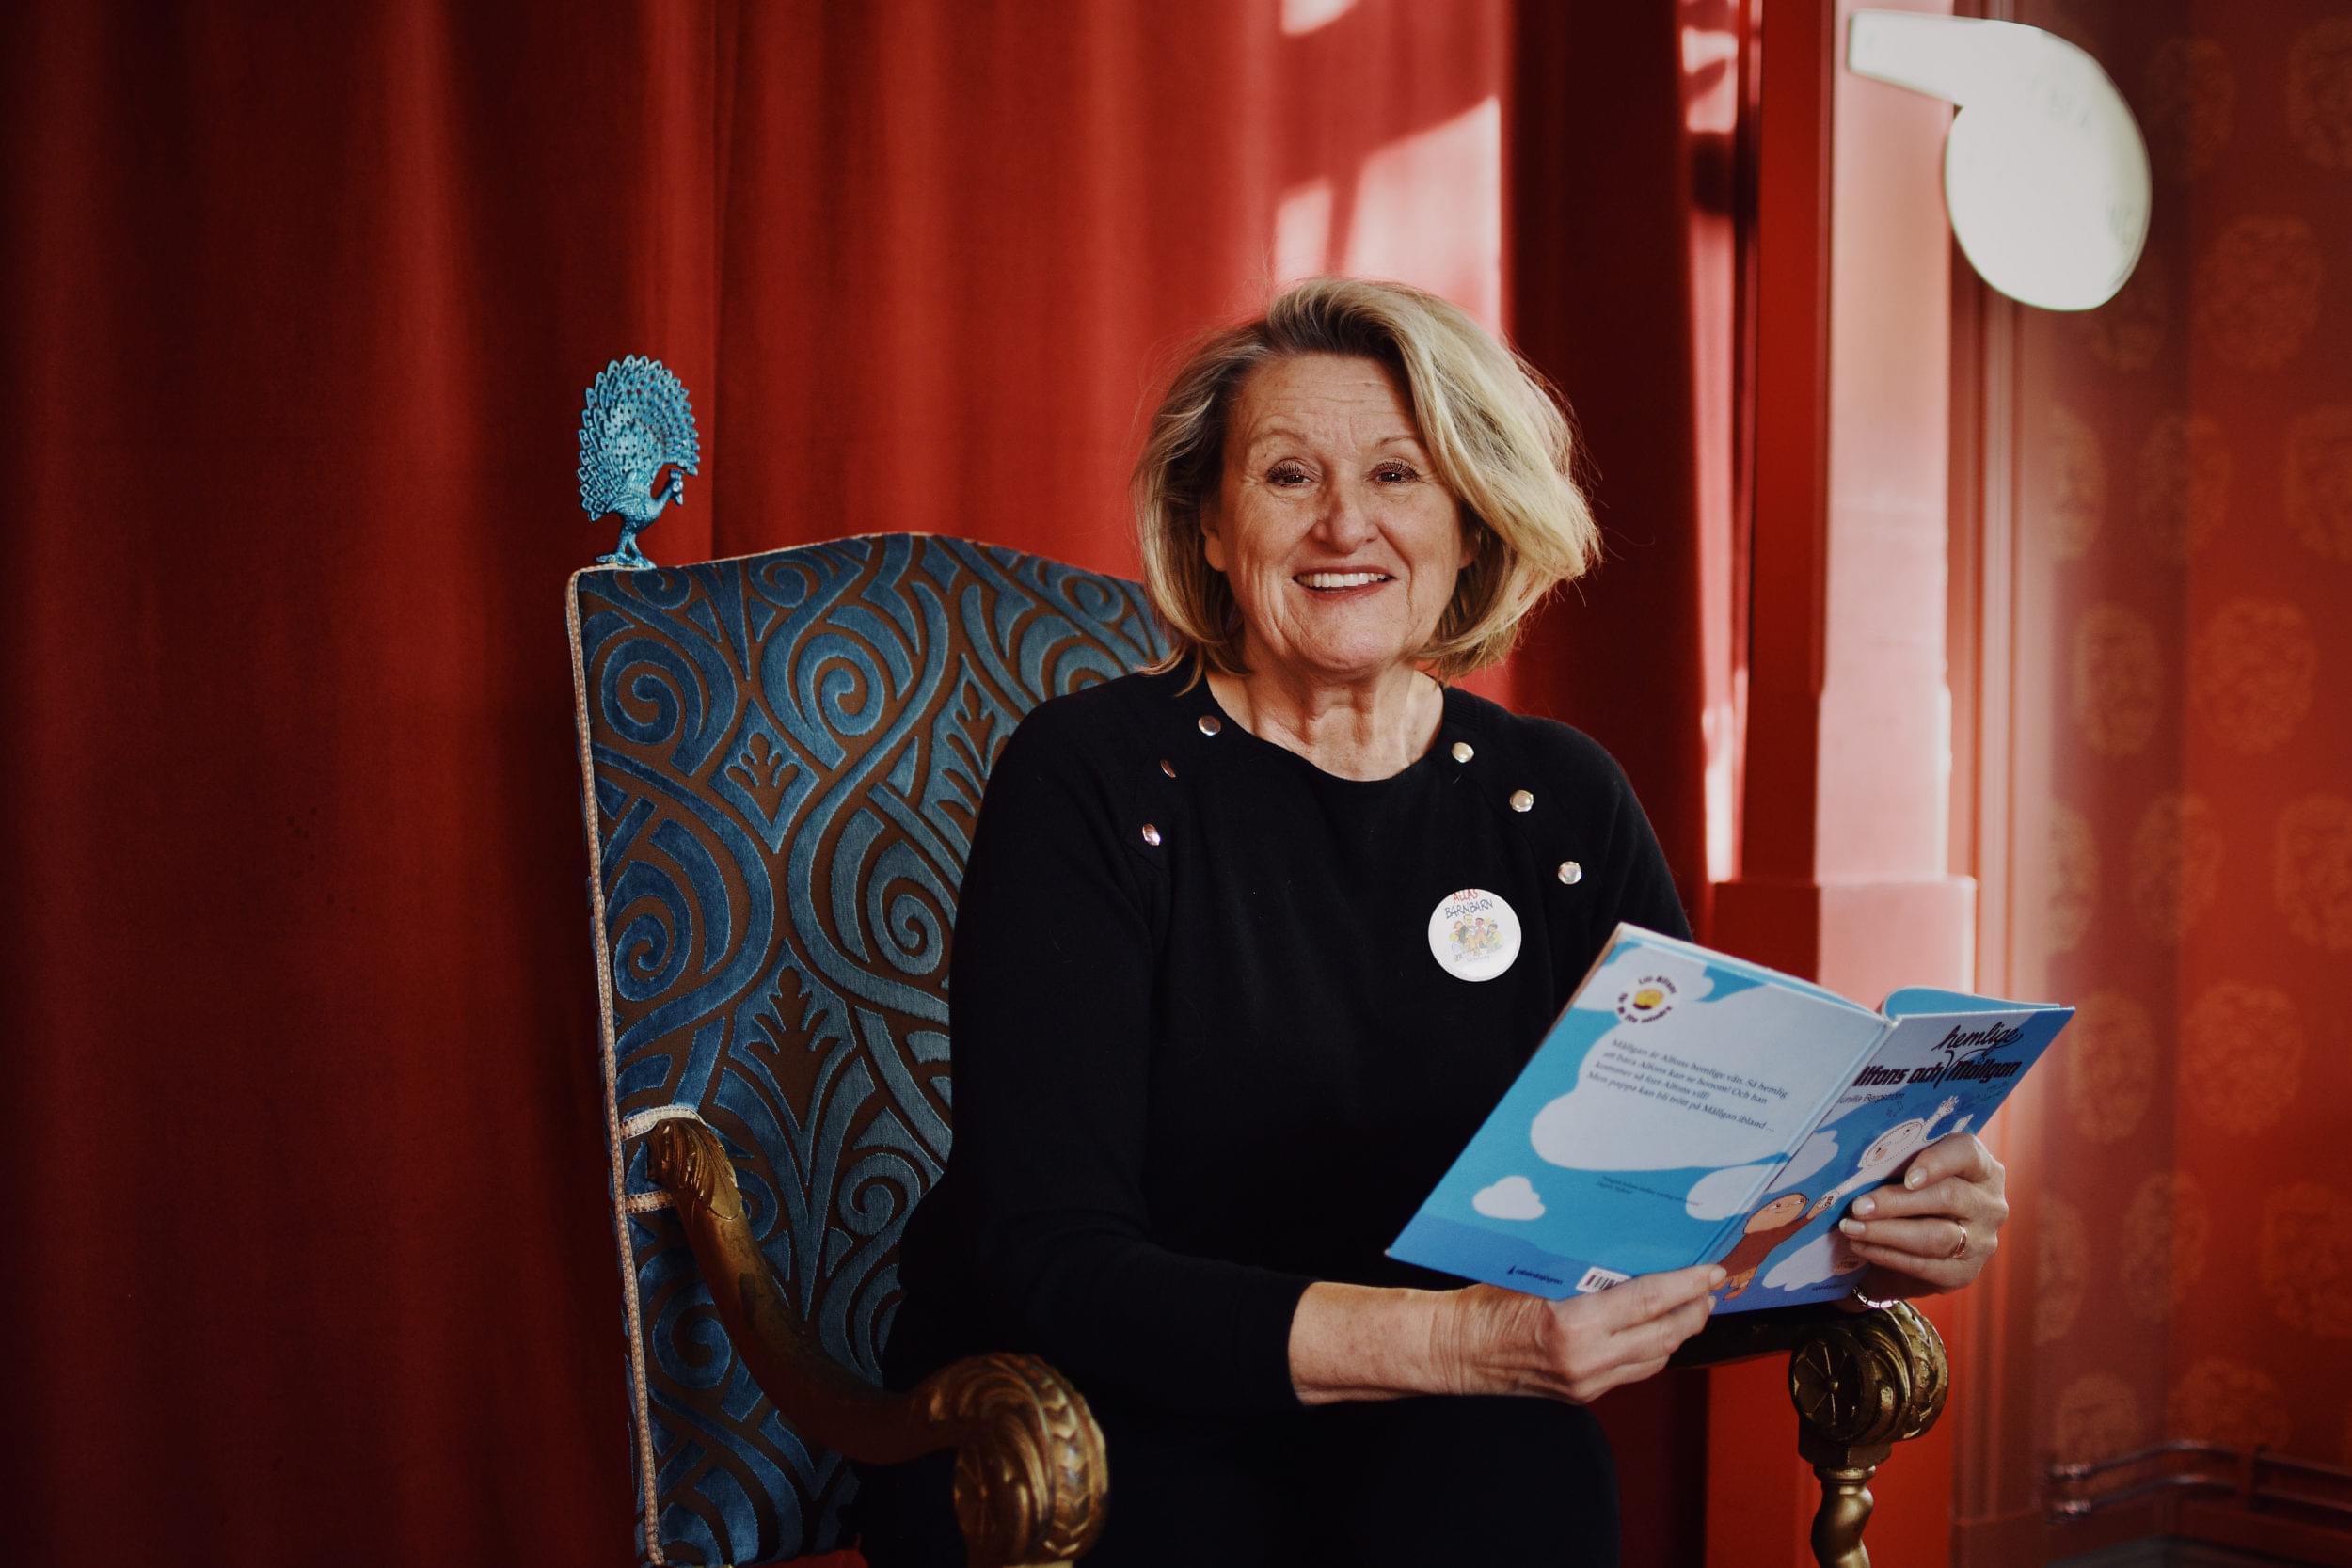 En leende sagotant i svart tröja sitter i en blå kungastol och läser ur en bok om Alfons Åberg. En glad sagotant sitter i en blå kungastol och läser ur en bok om Alfons Åberg.